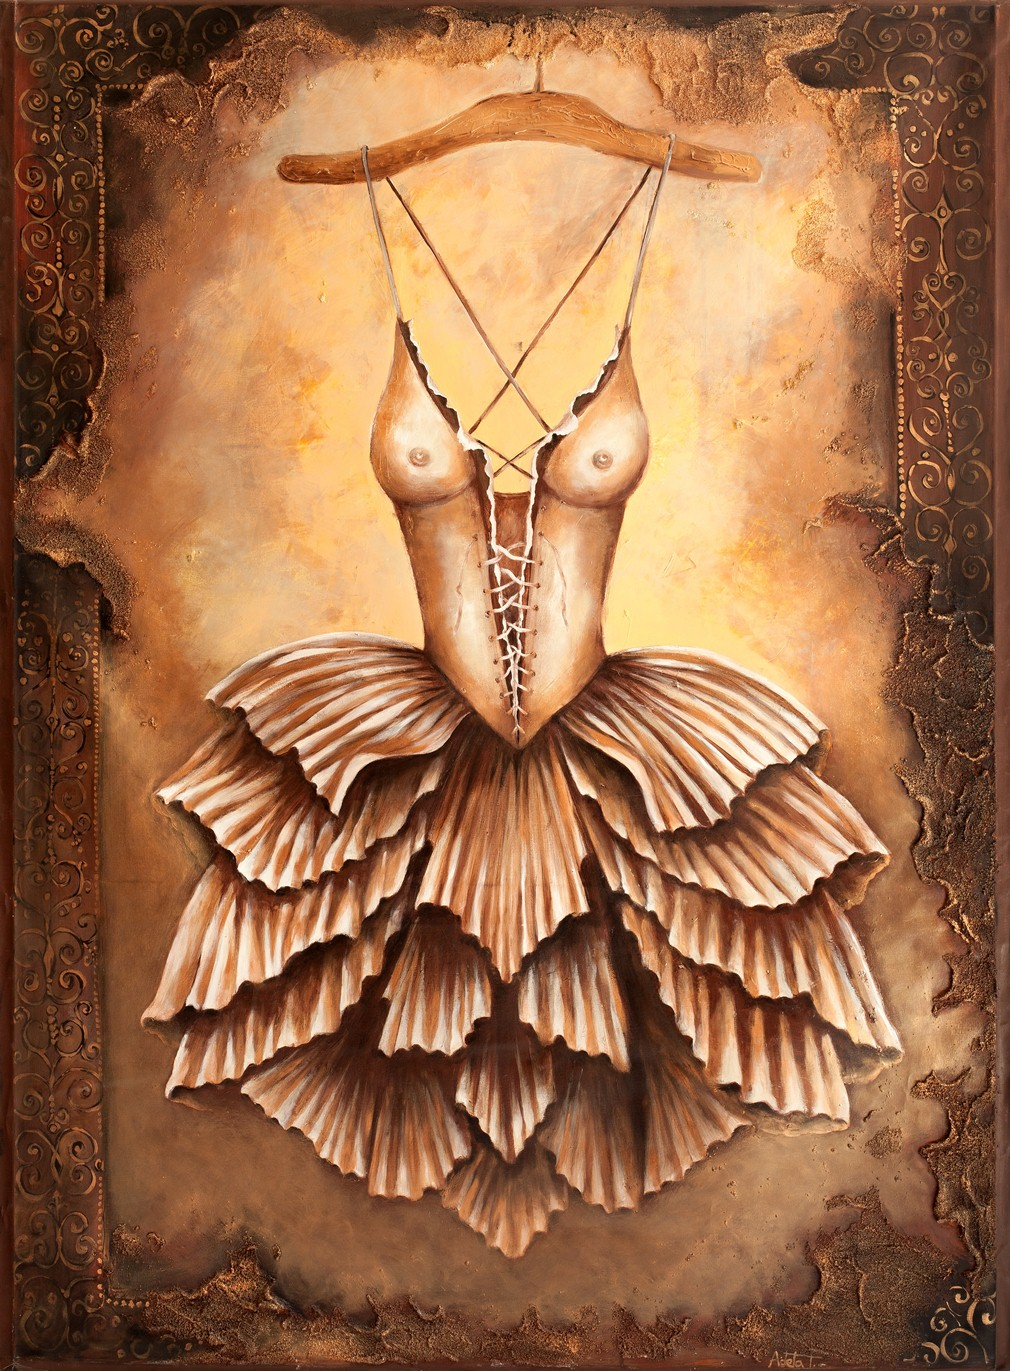 Prodej originálních obrazů a kolekcí-vhodné pro firmy a sběratele